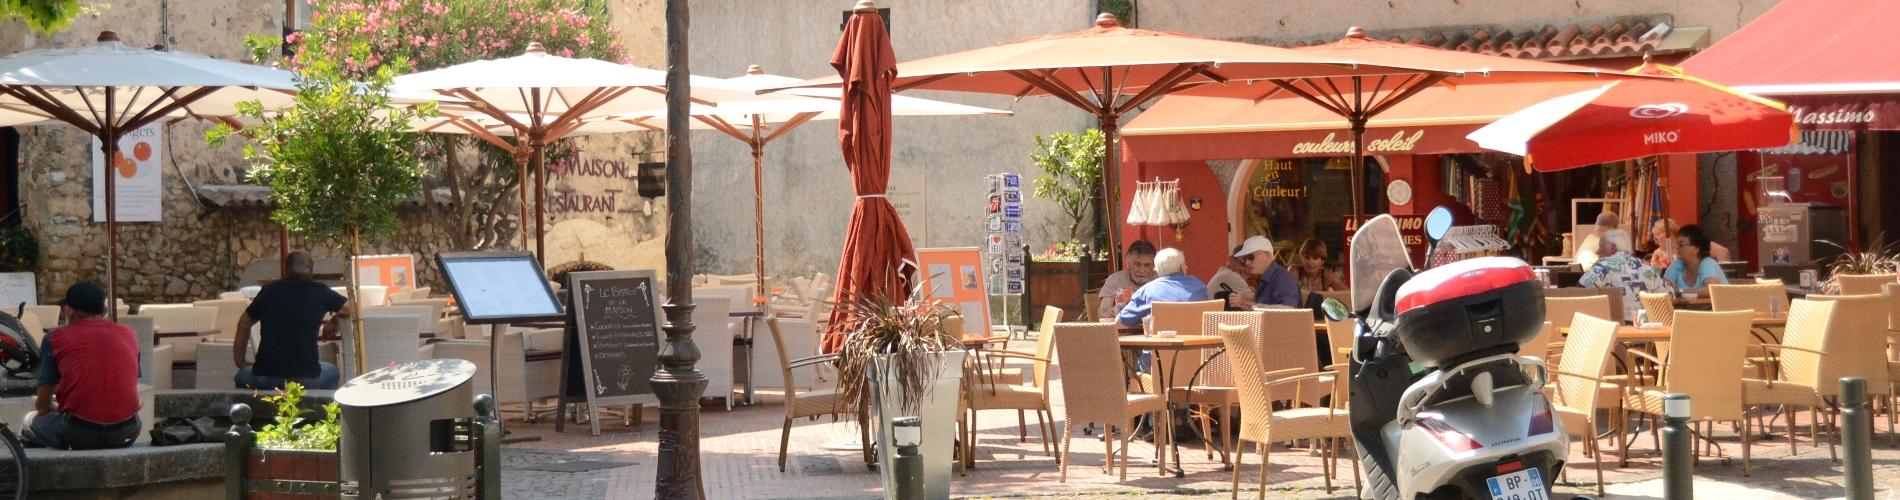 Biot Village Cote d'Azur